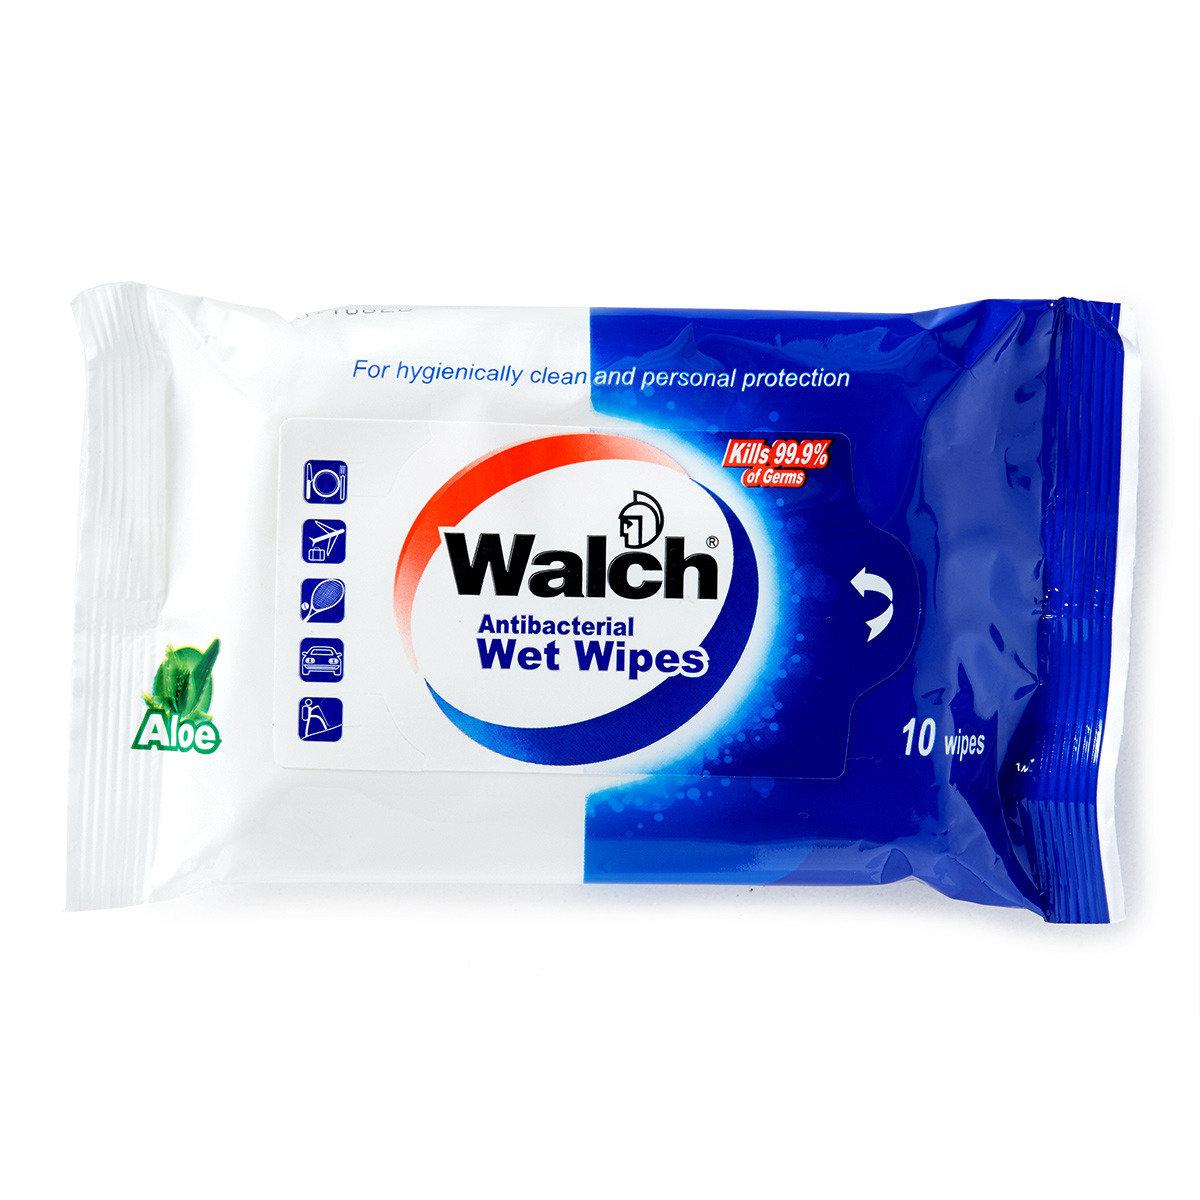 消毒濕紙巾